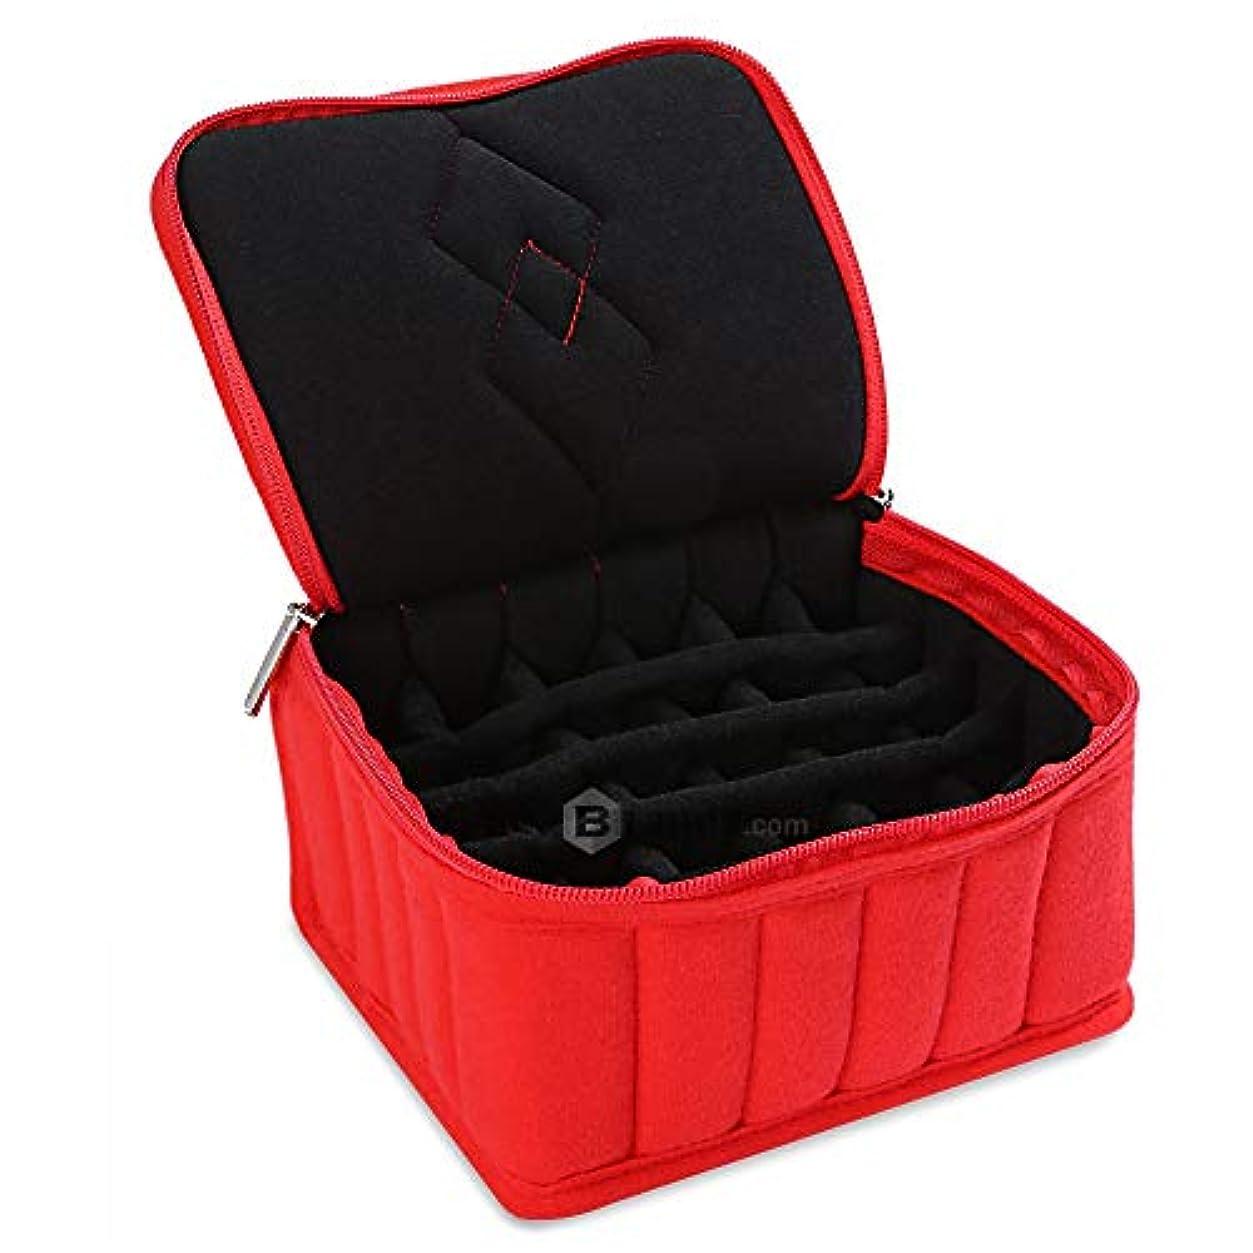 悪用に慣れきゅうりリングケース 指輪 ベロア調 ピアスケース 30個 収納可 ディスプレイ 展示用 ジュエリーボックス